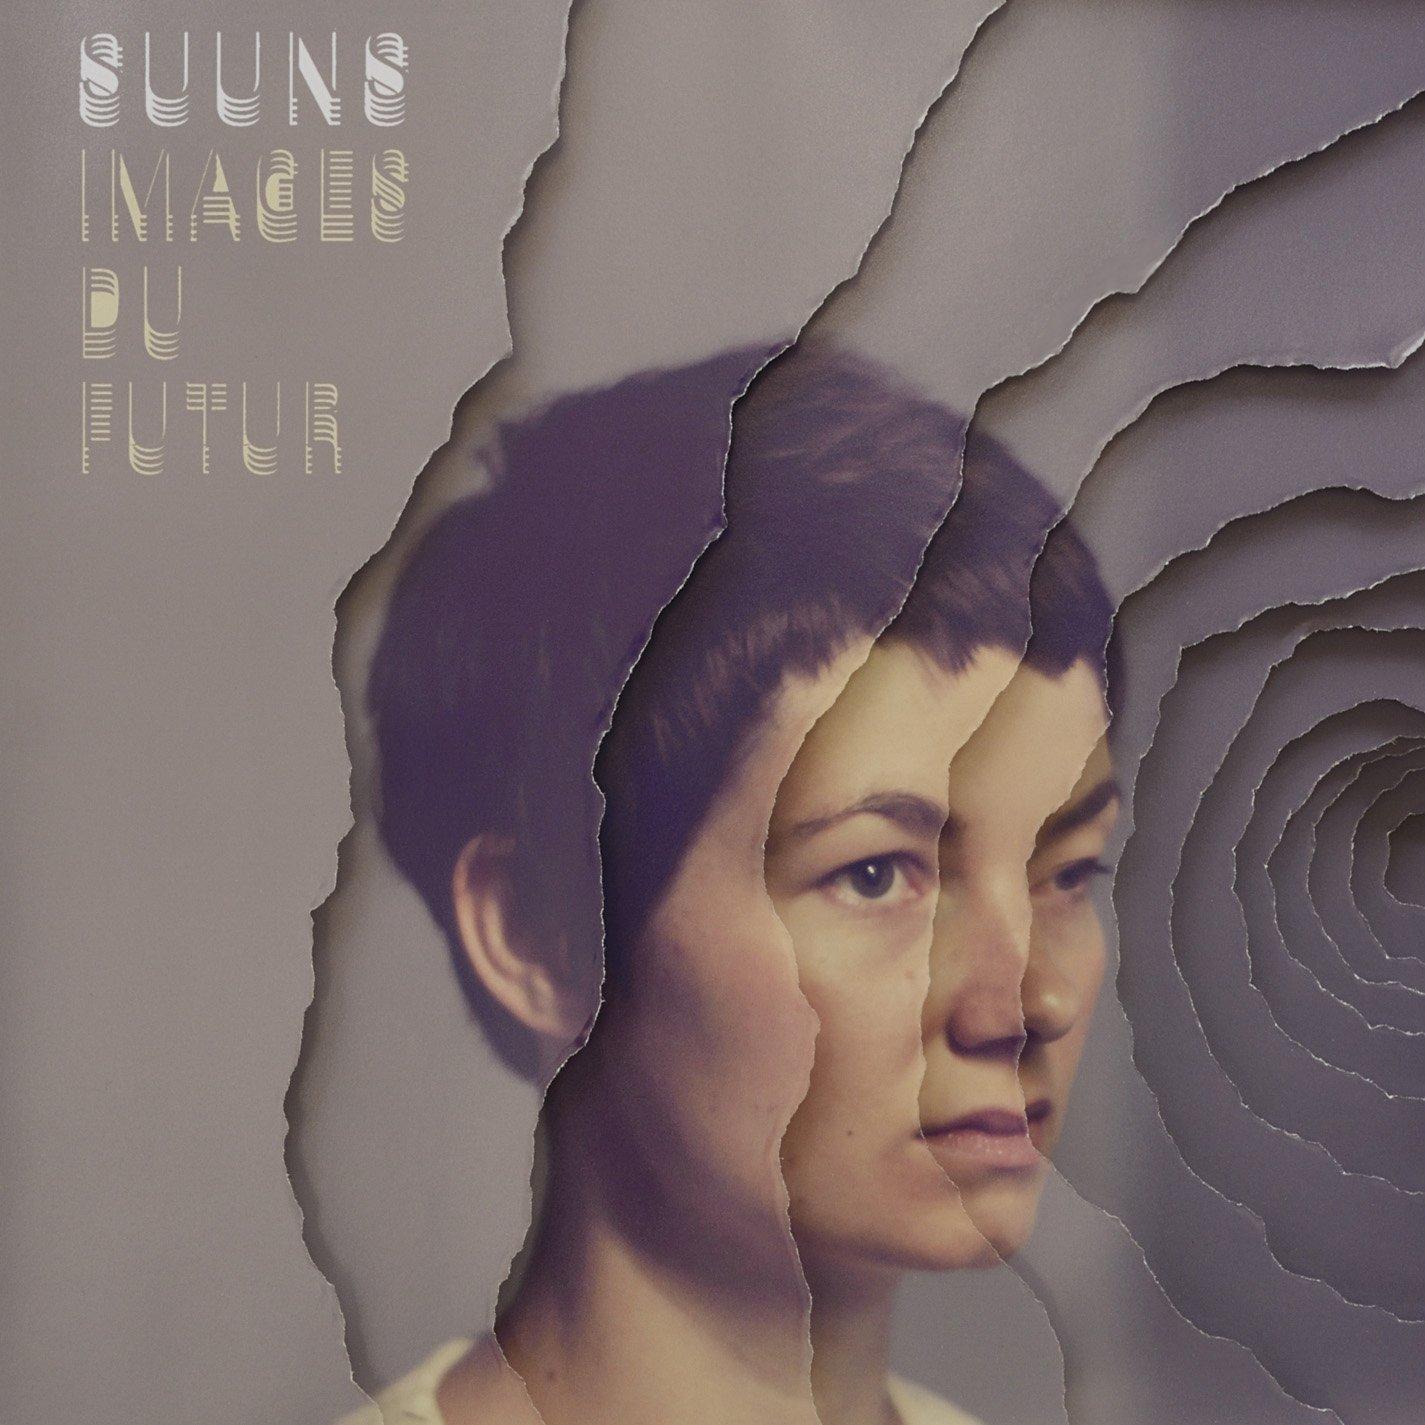 Suuns - Images Du Futur [LP]